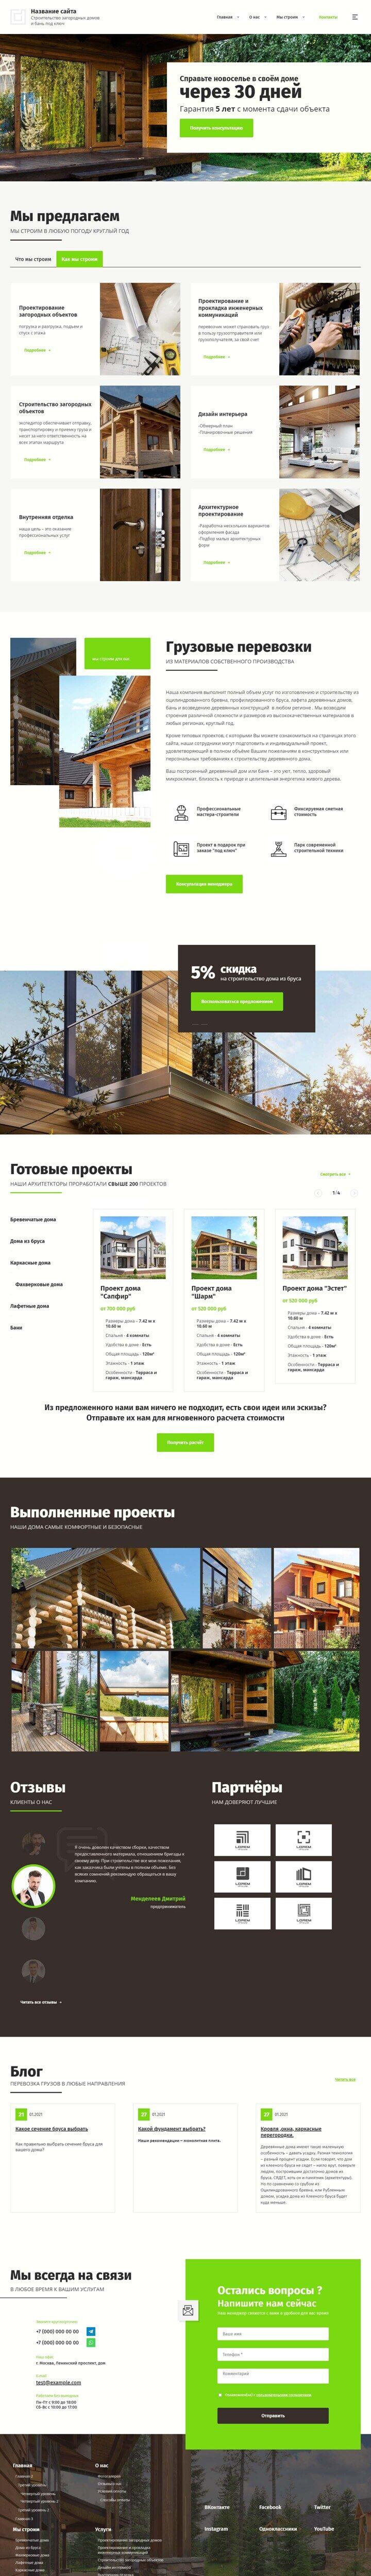 Готовый Сайт-Бизнес #2881174 - Загородное строительство (Главная 3)